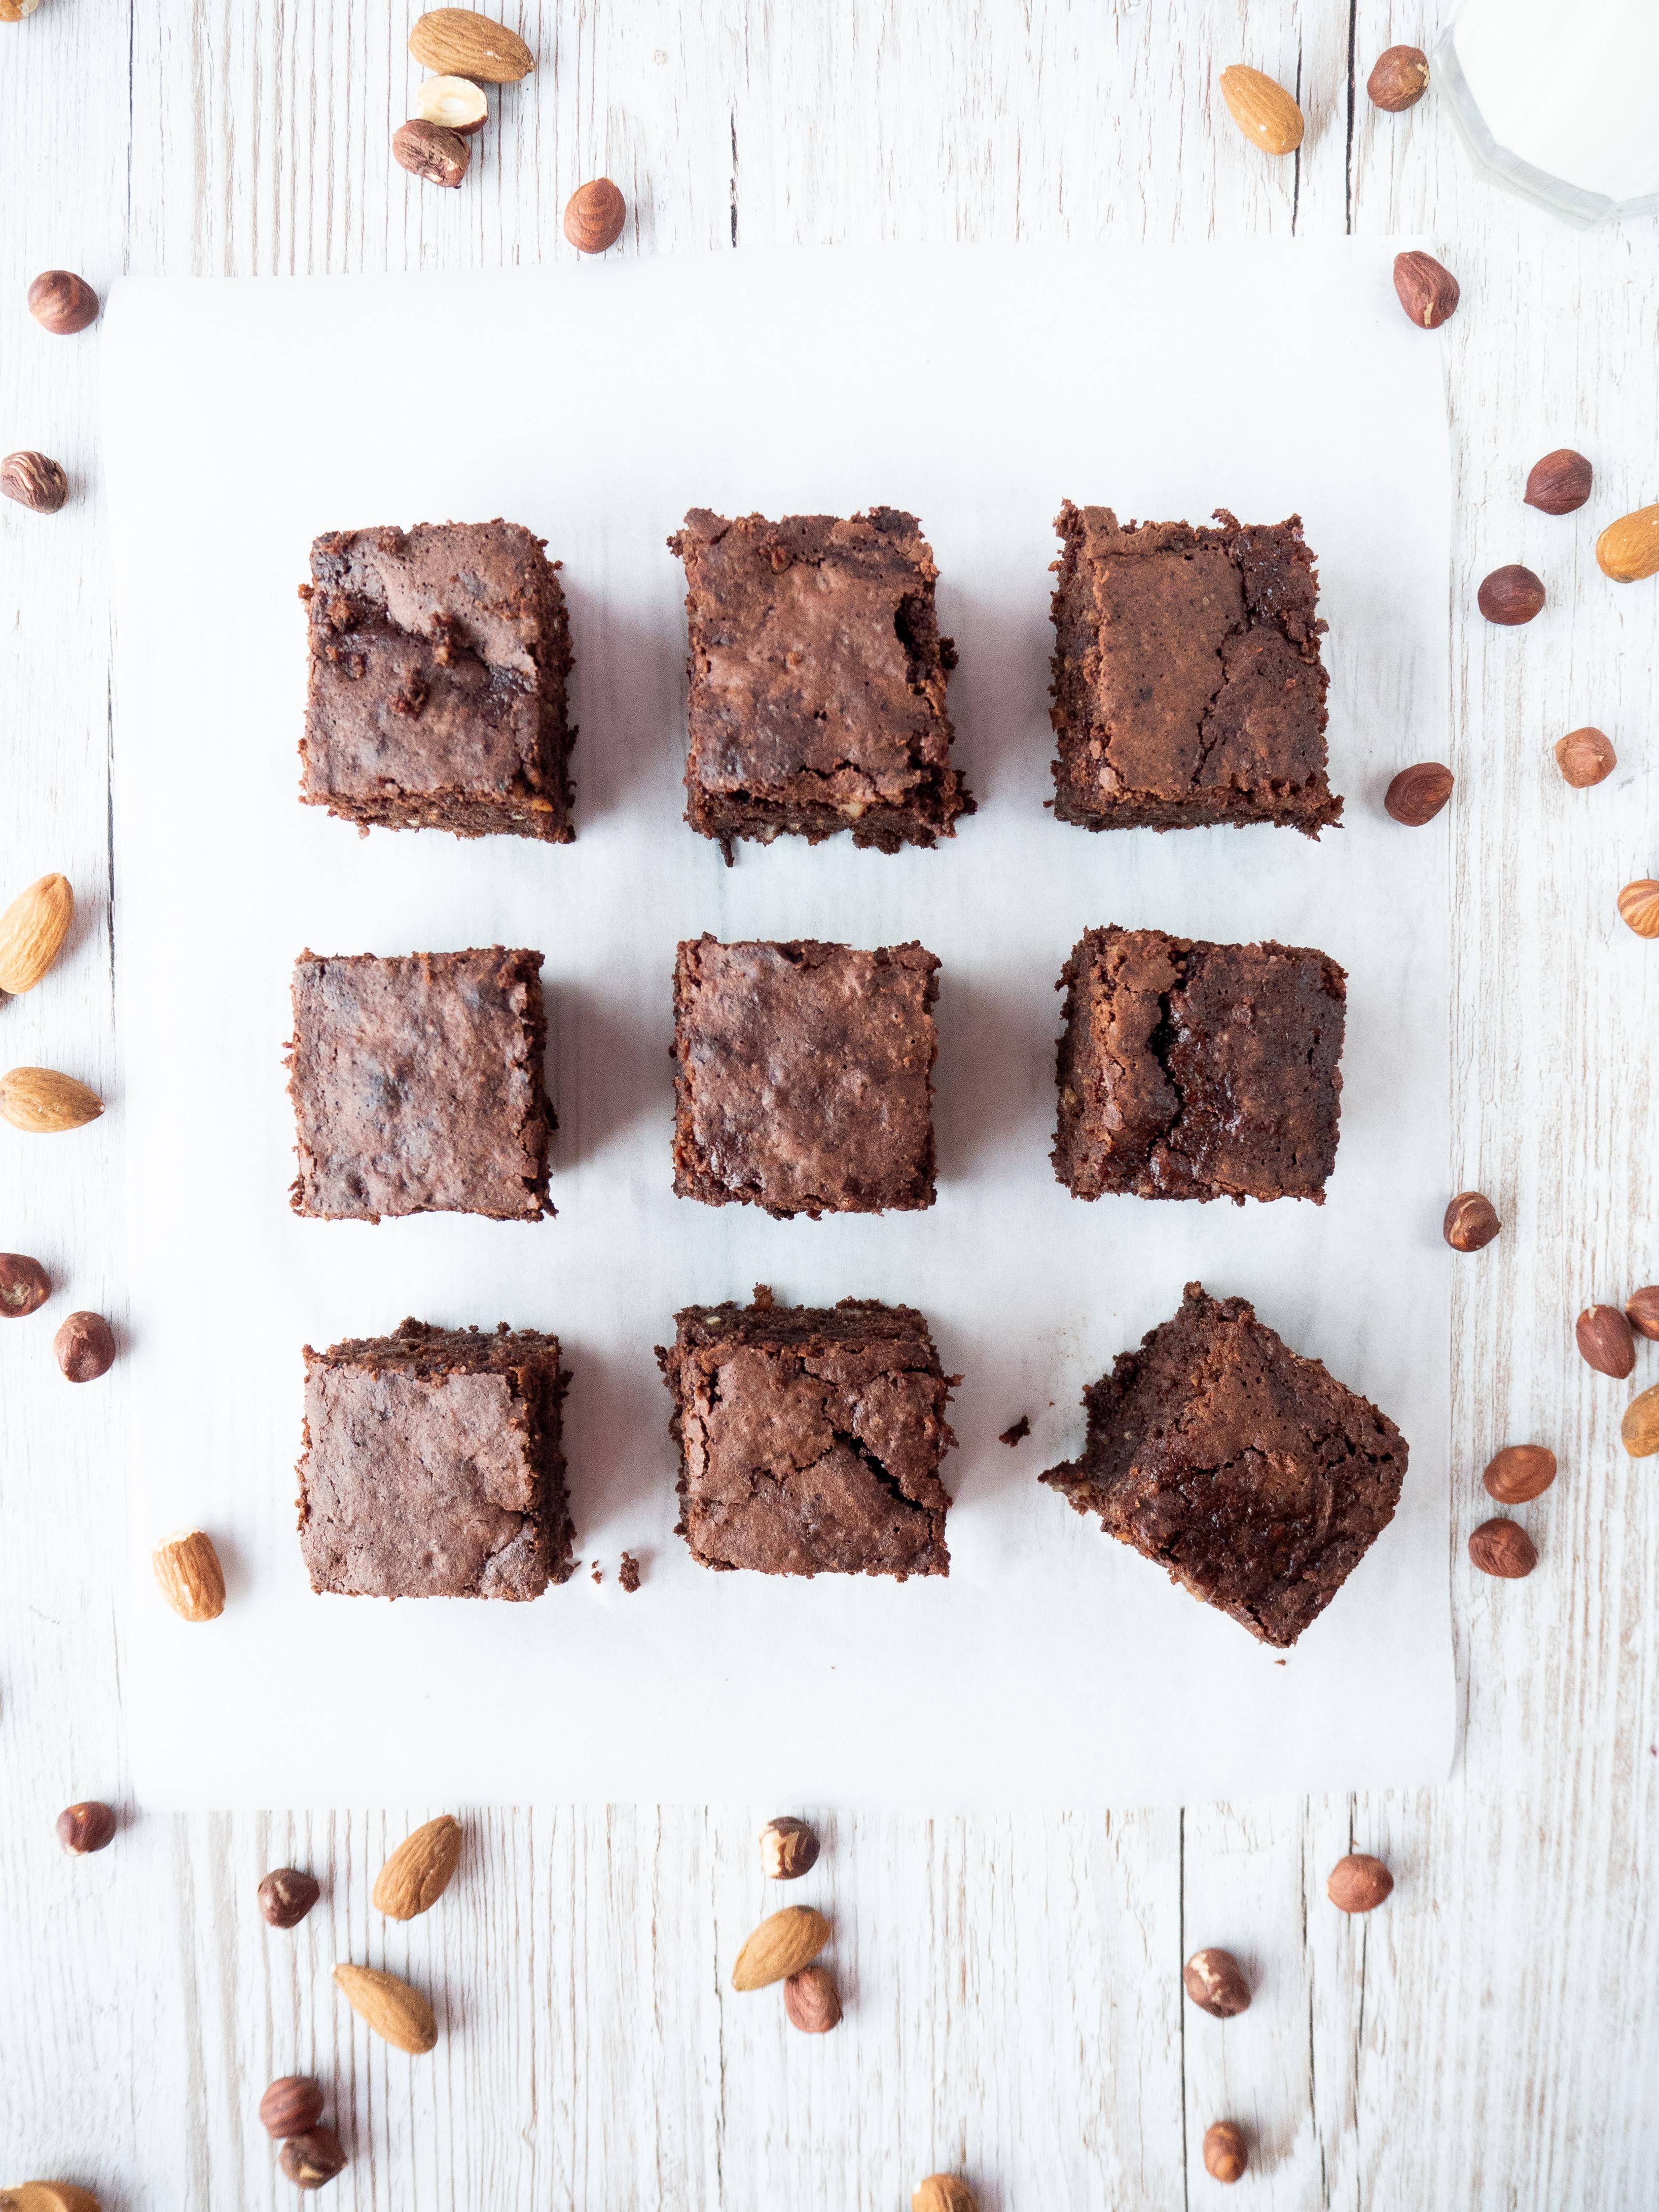 9 Zucchini Brownies vierecke von oben Fotografiert